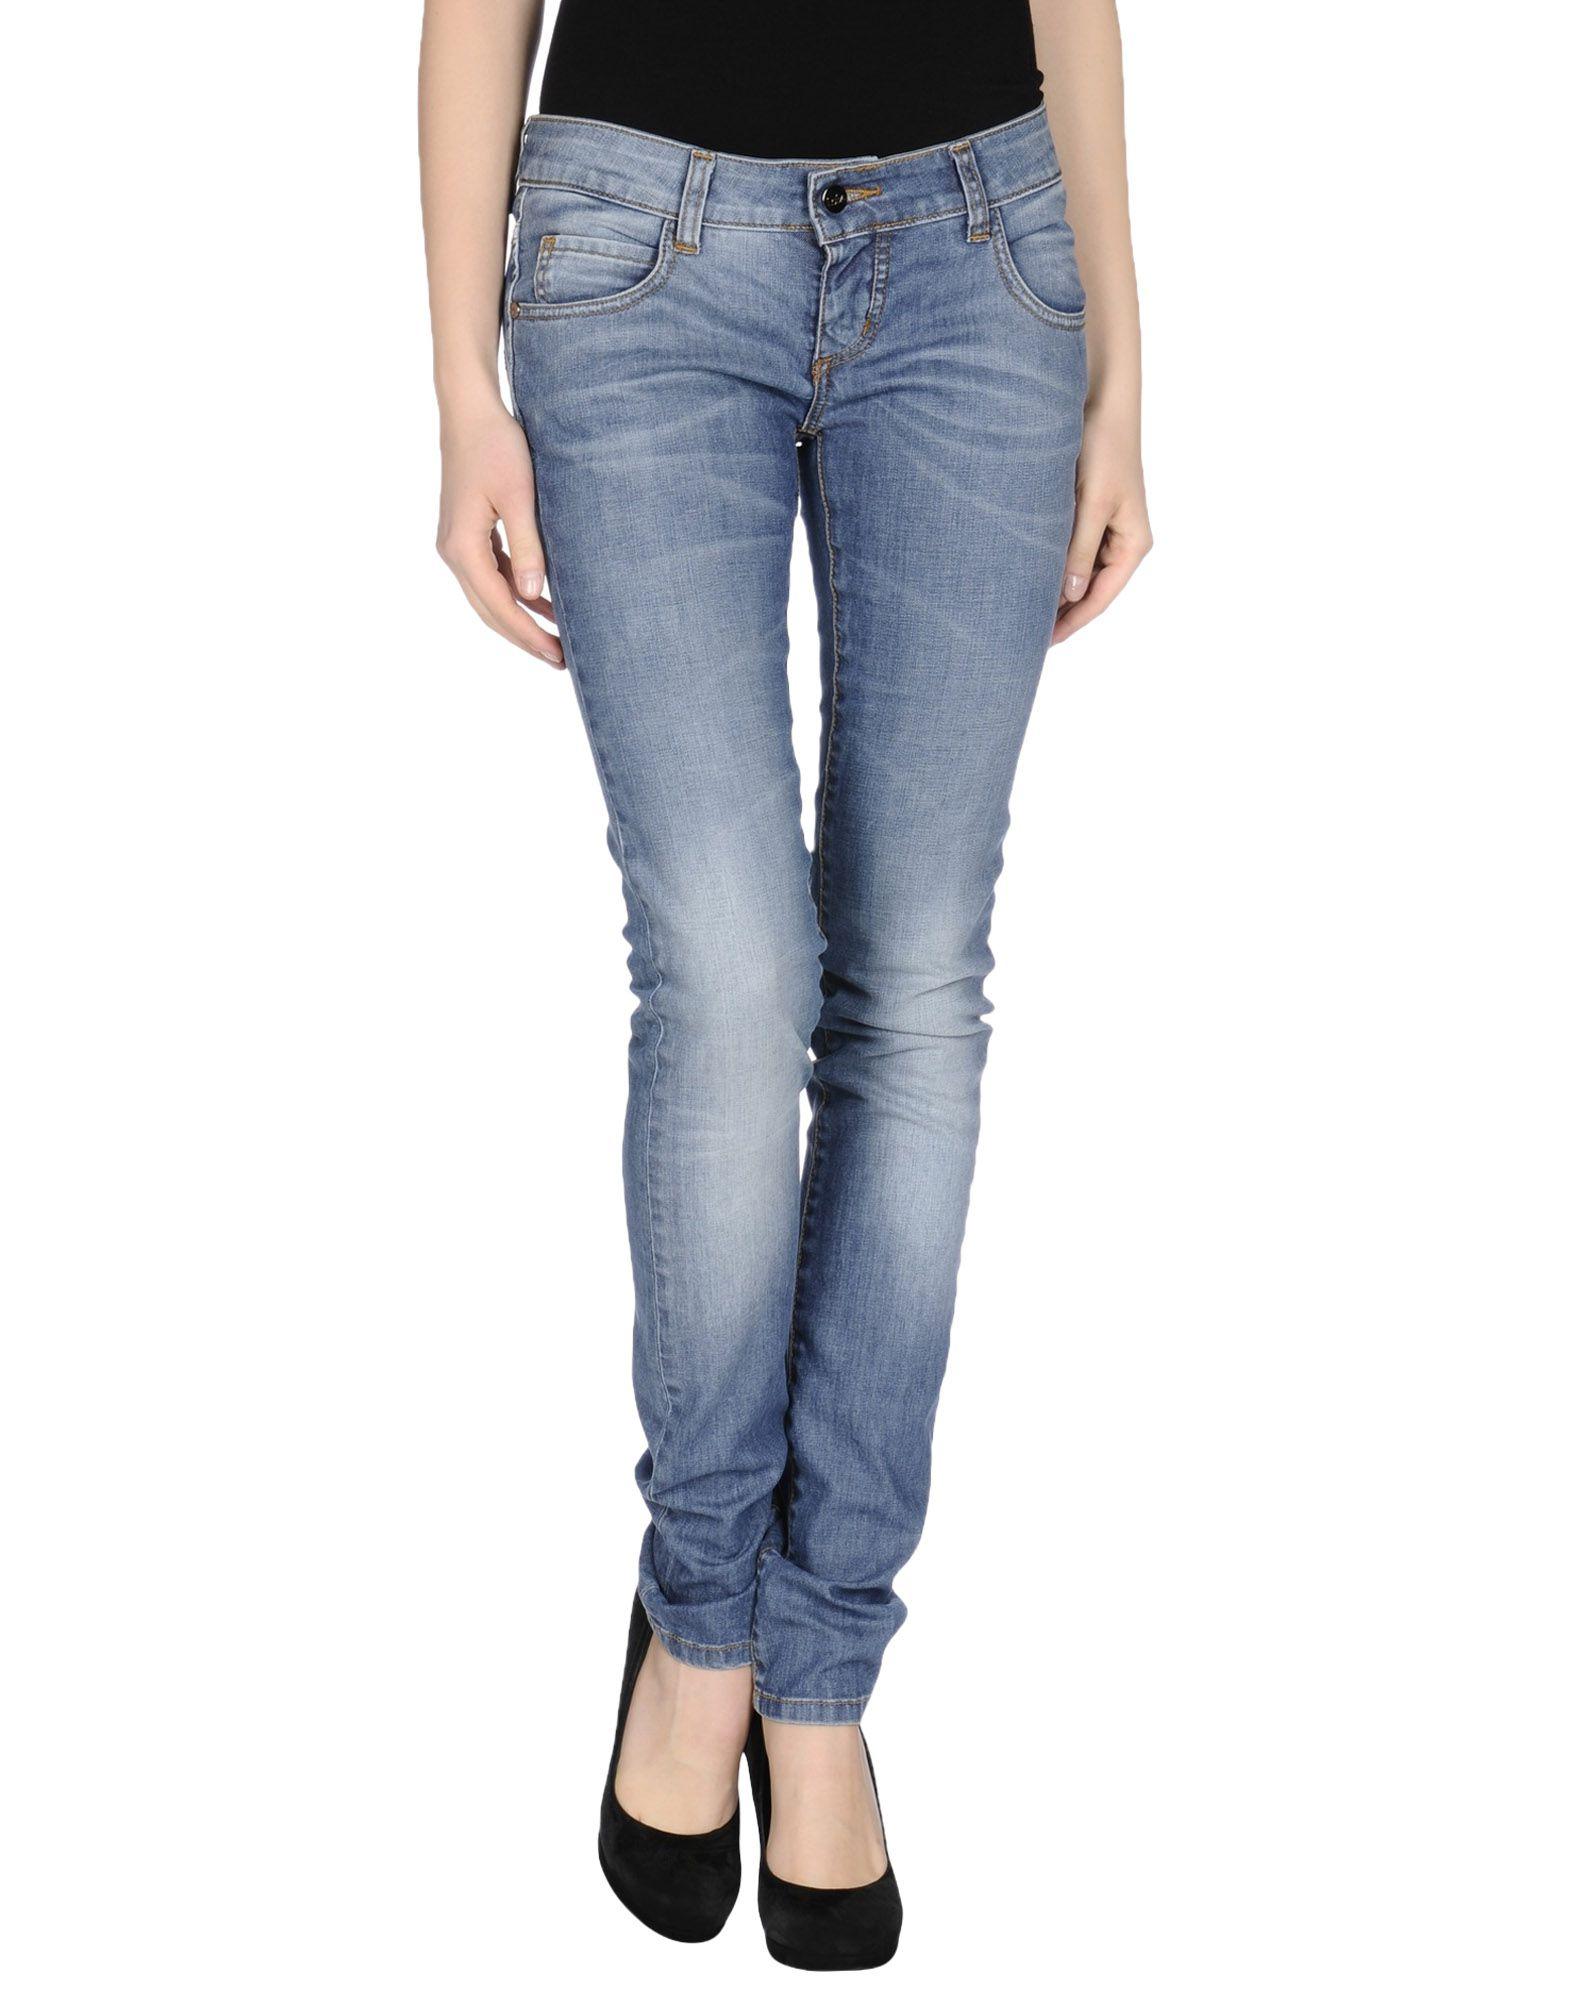 LOIZA by PATRIZIA PEPE Джинсовые брюки цена